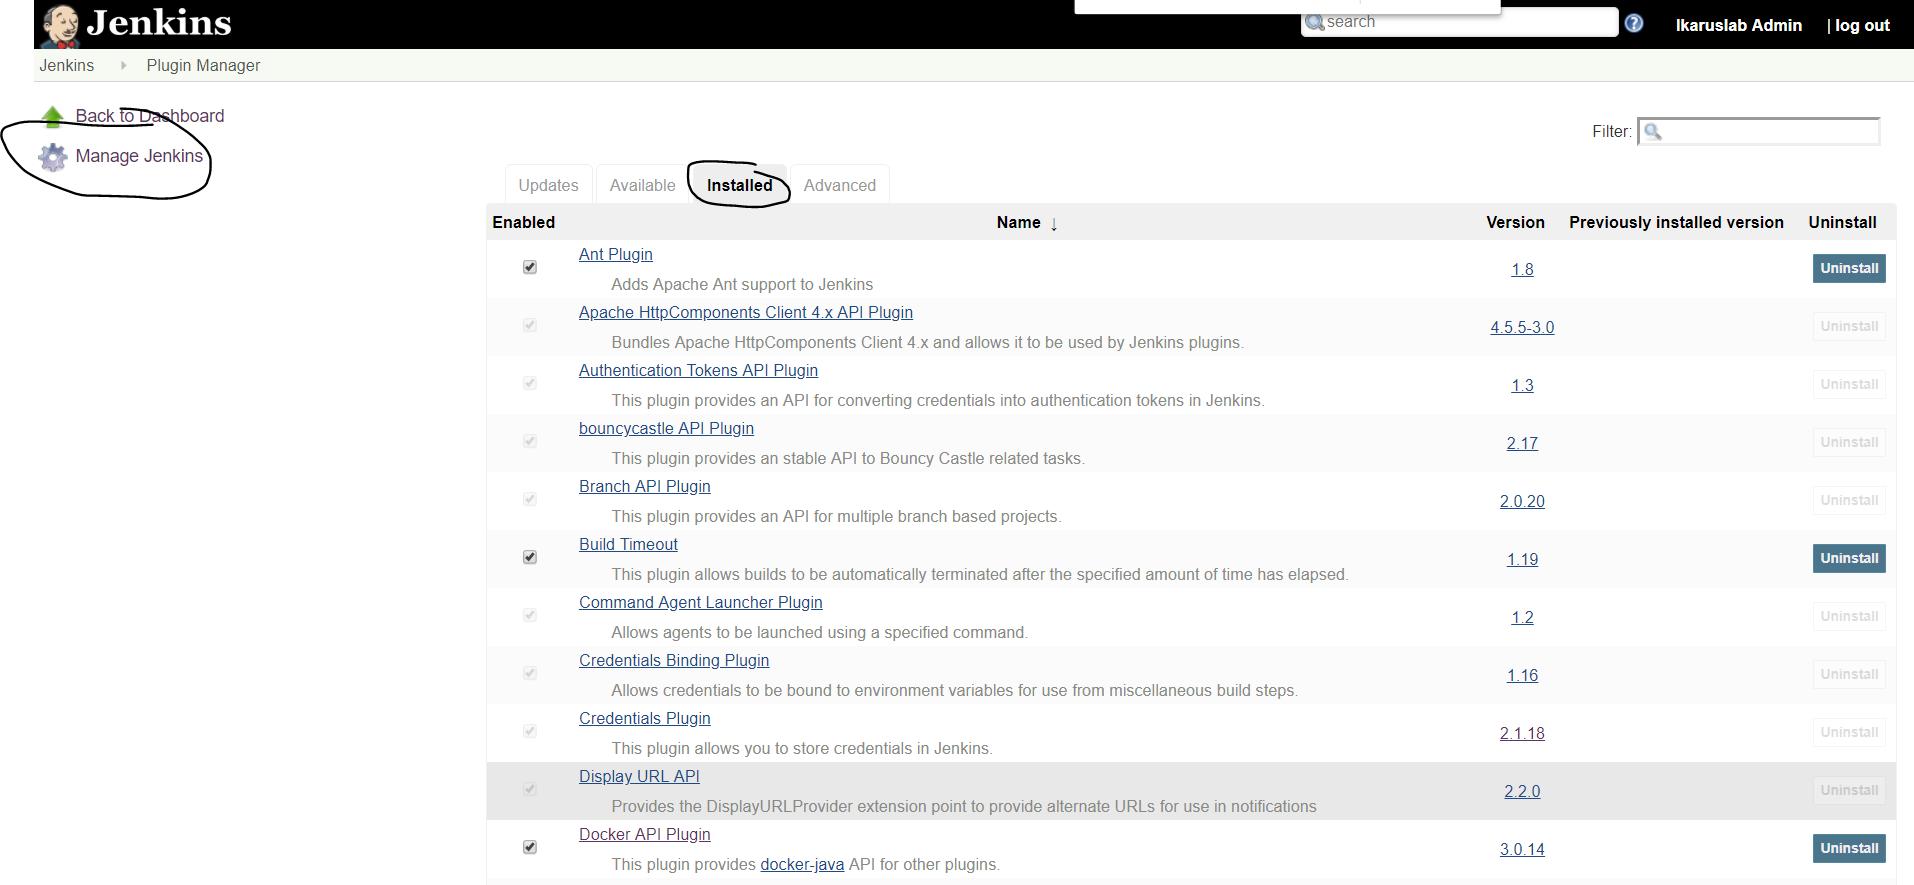 Rapid7 InsightVM Jenkins Integration for Docker Image